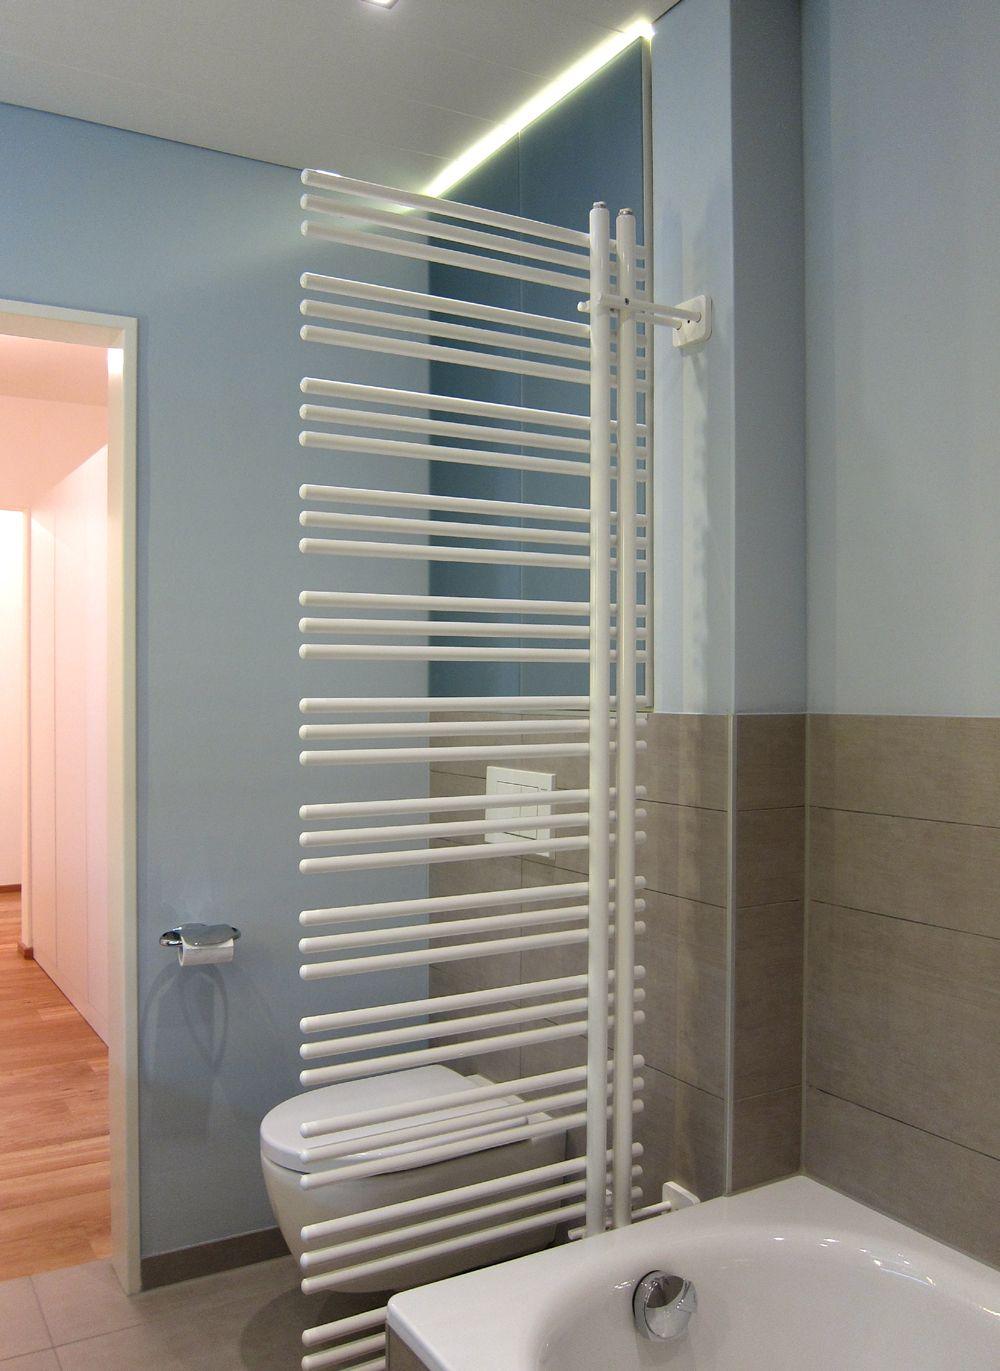 Web Bad Wc Jpg Jpeg Image 1000 1371 Pixels Scaled 95 Innenarchitektur Modernes Badezimmer Badezimmer Renovieren